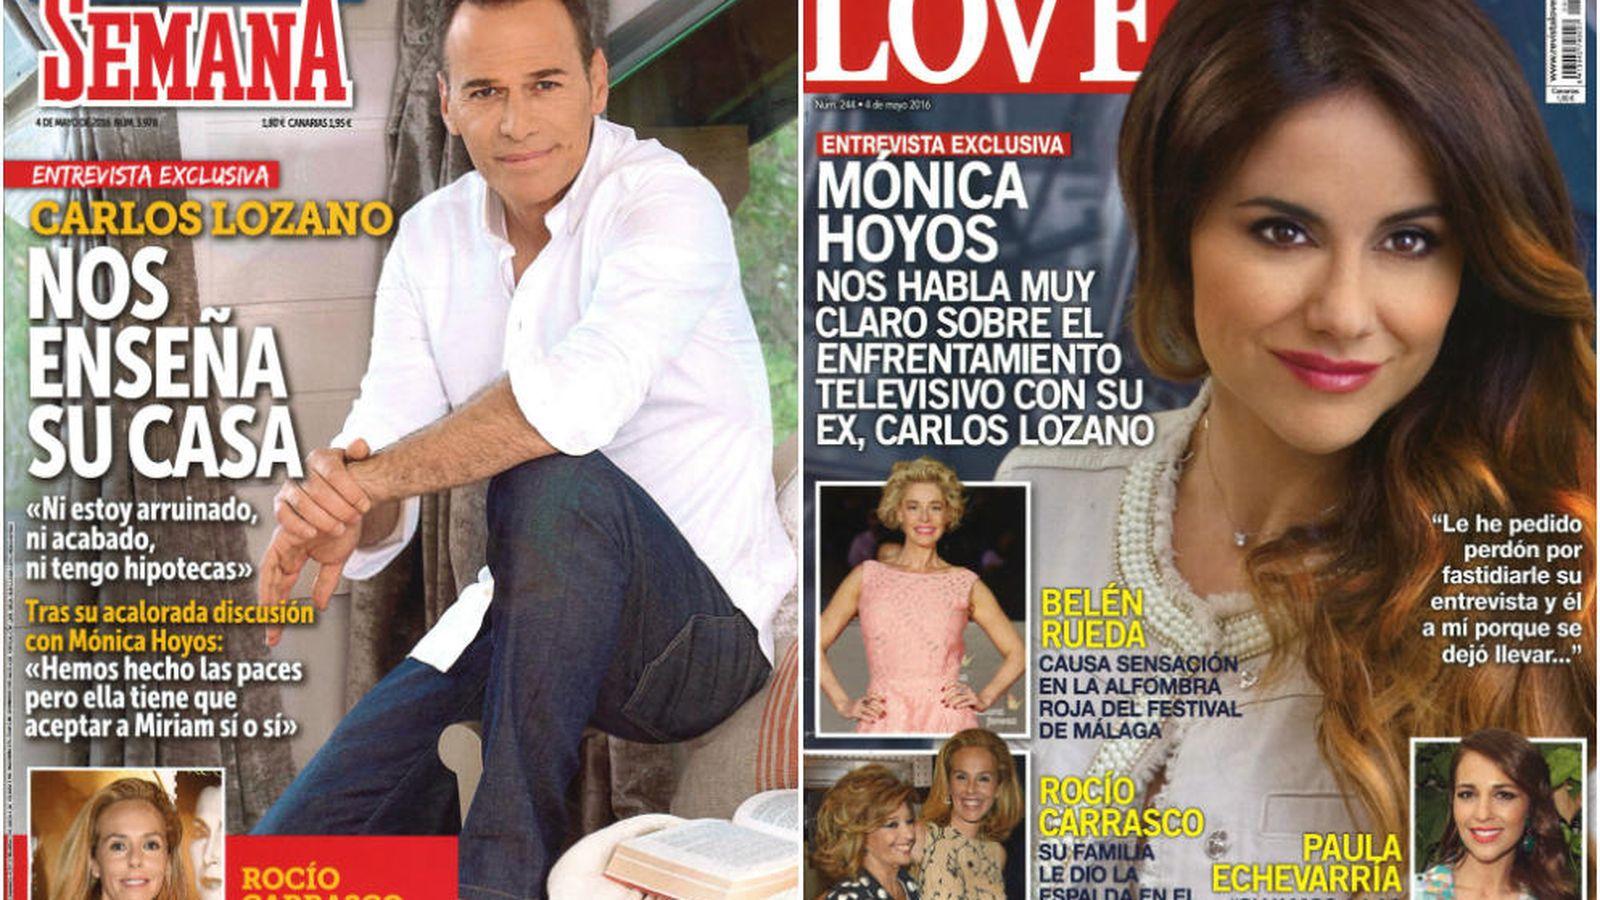 Foto: Portada de 'Semana' y 'Love'